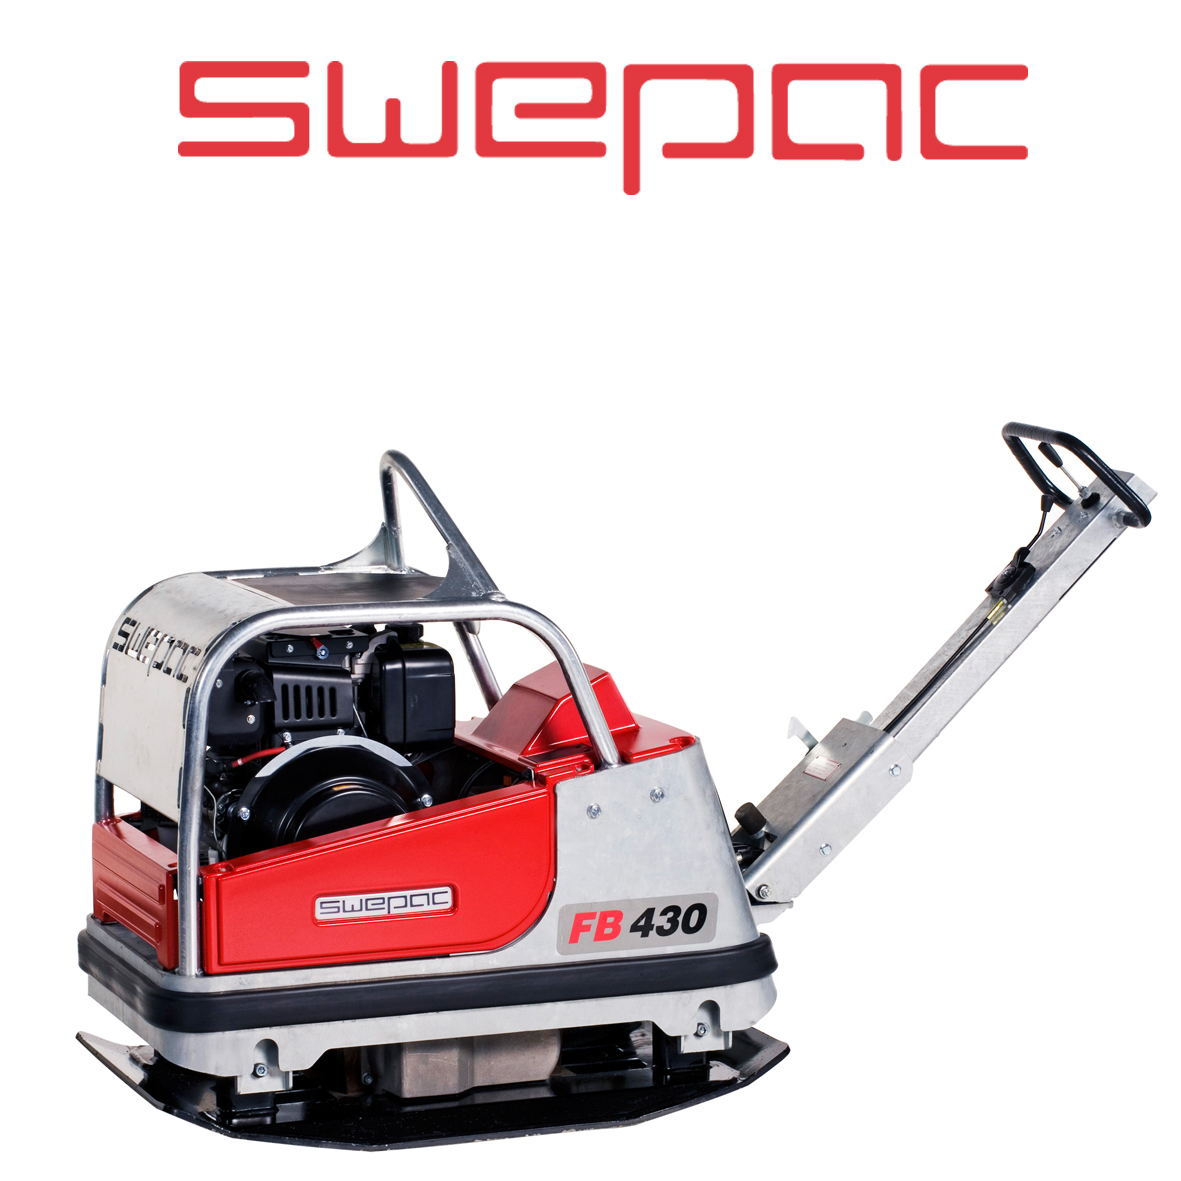 swpac